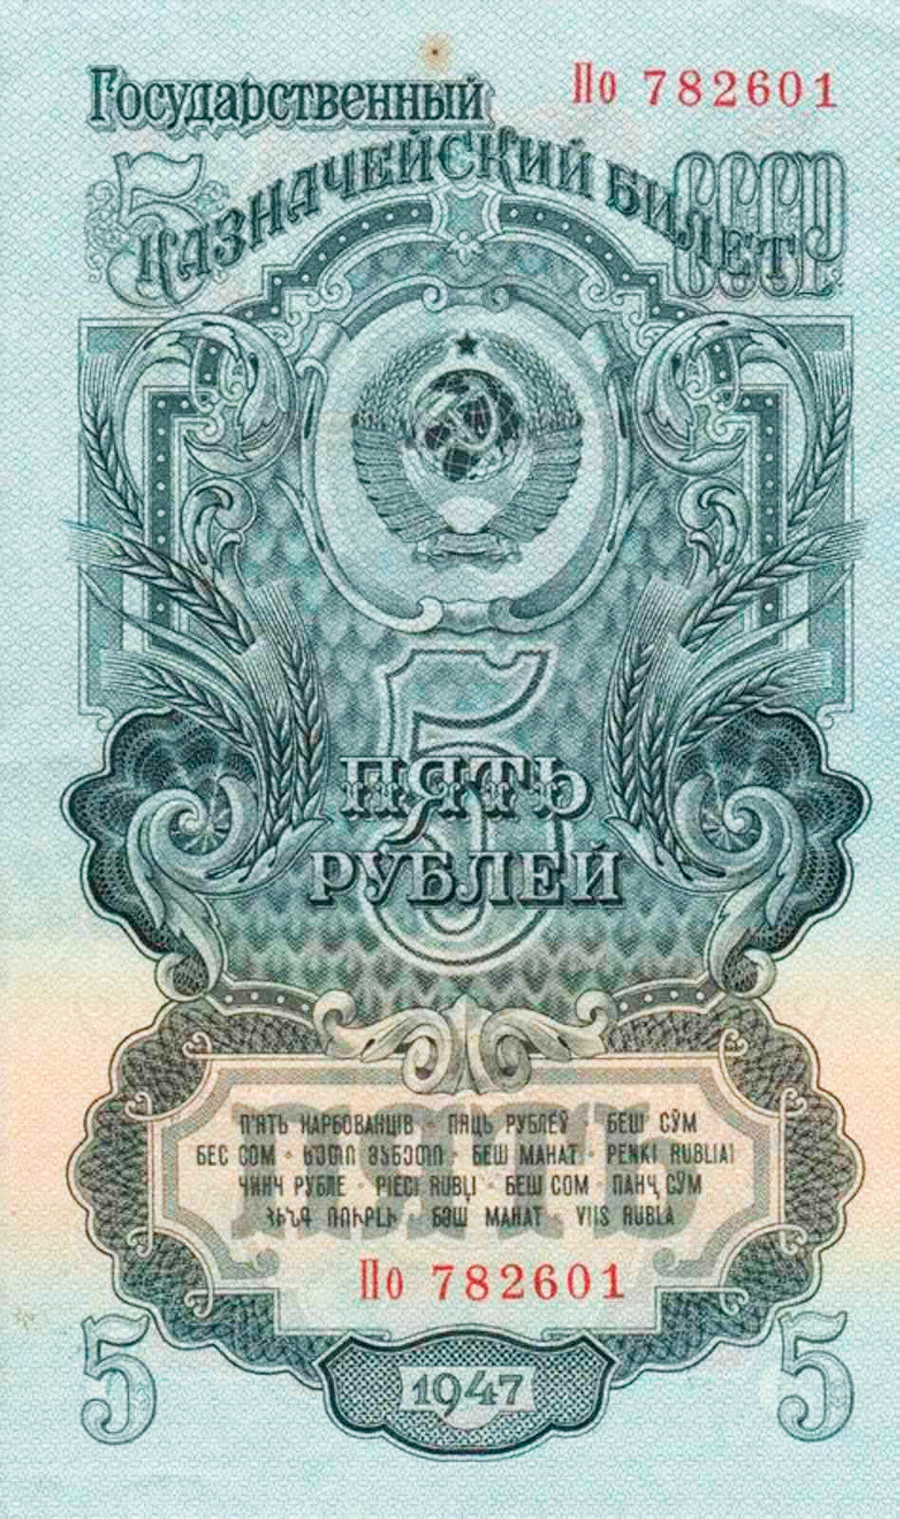 5 rublos de 1947